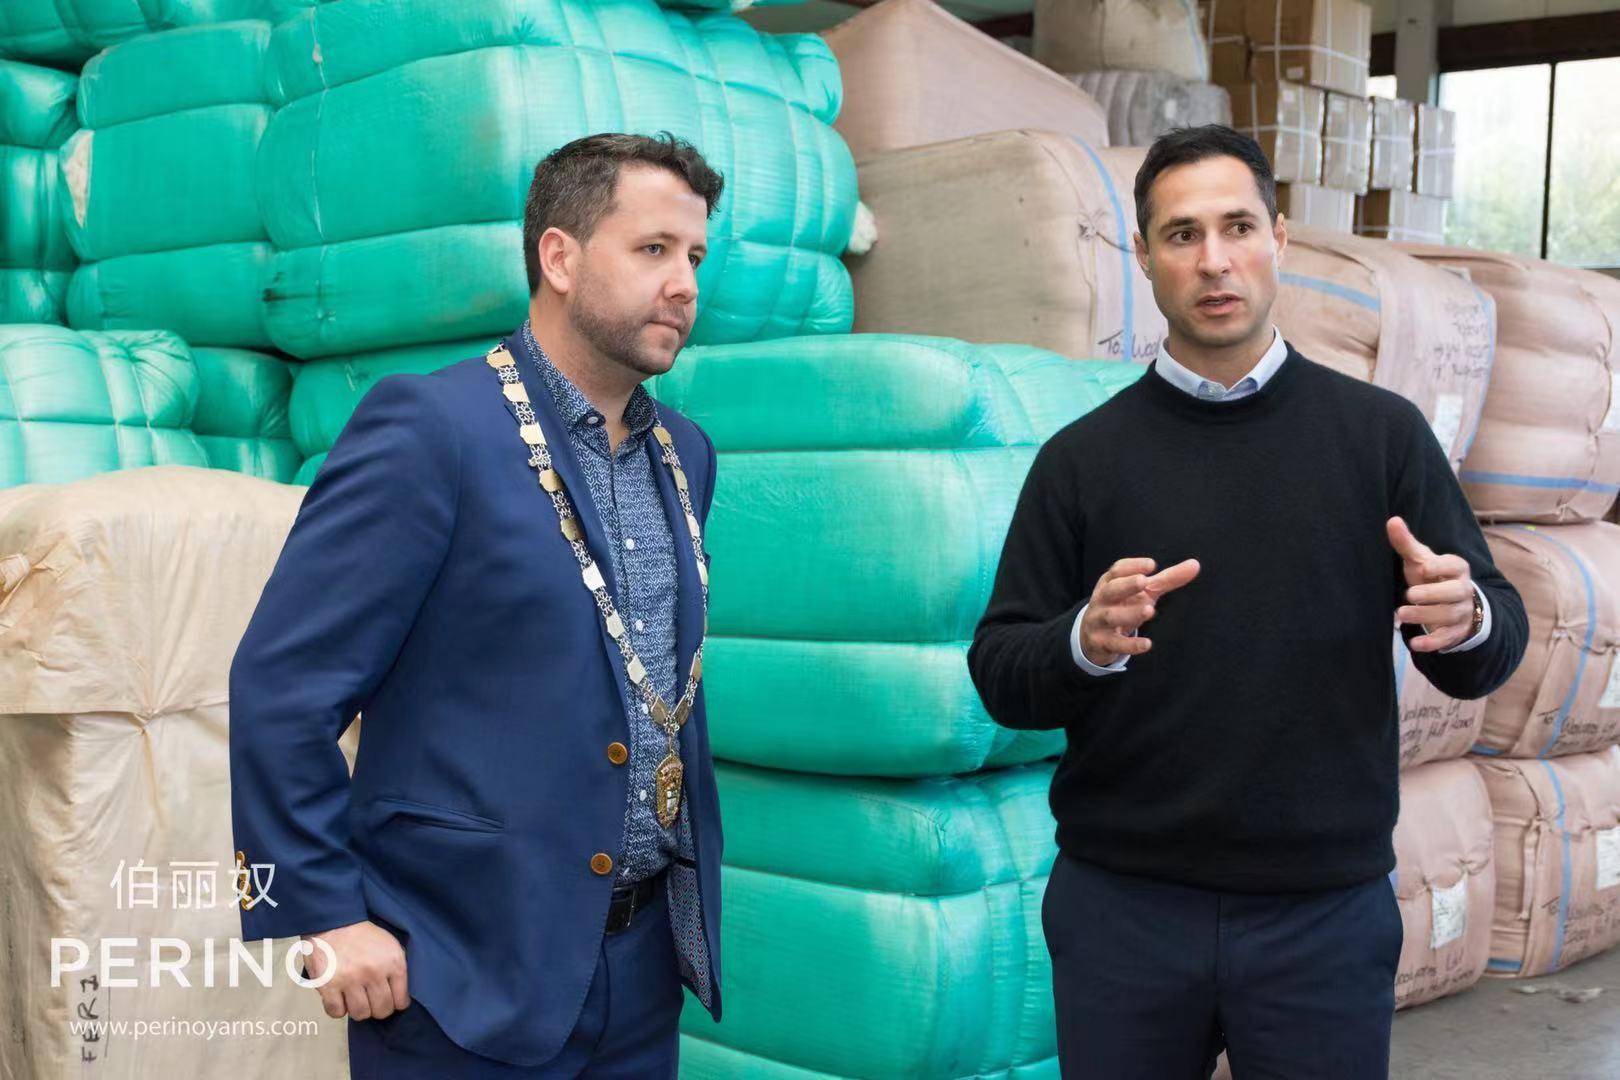 市长到访伍羊纱线工场 为其优质纱线产物和革新本领打call